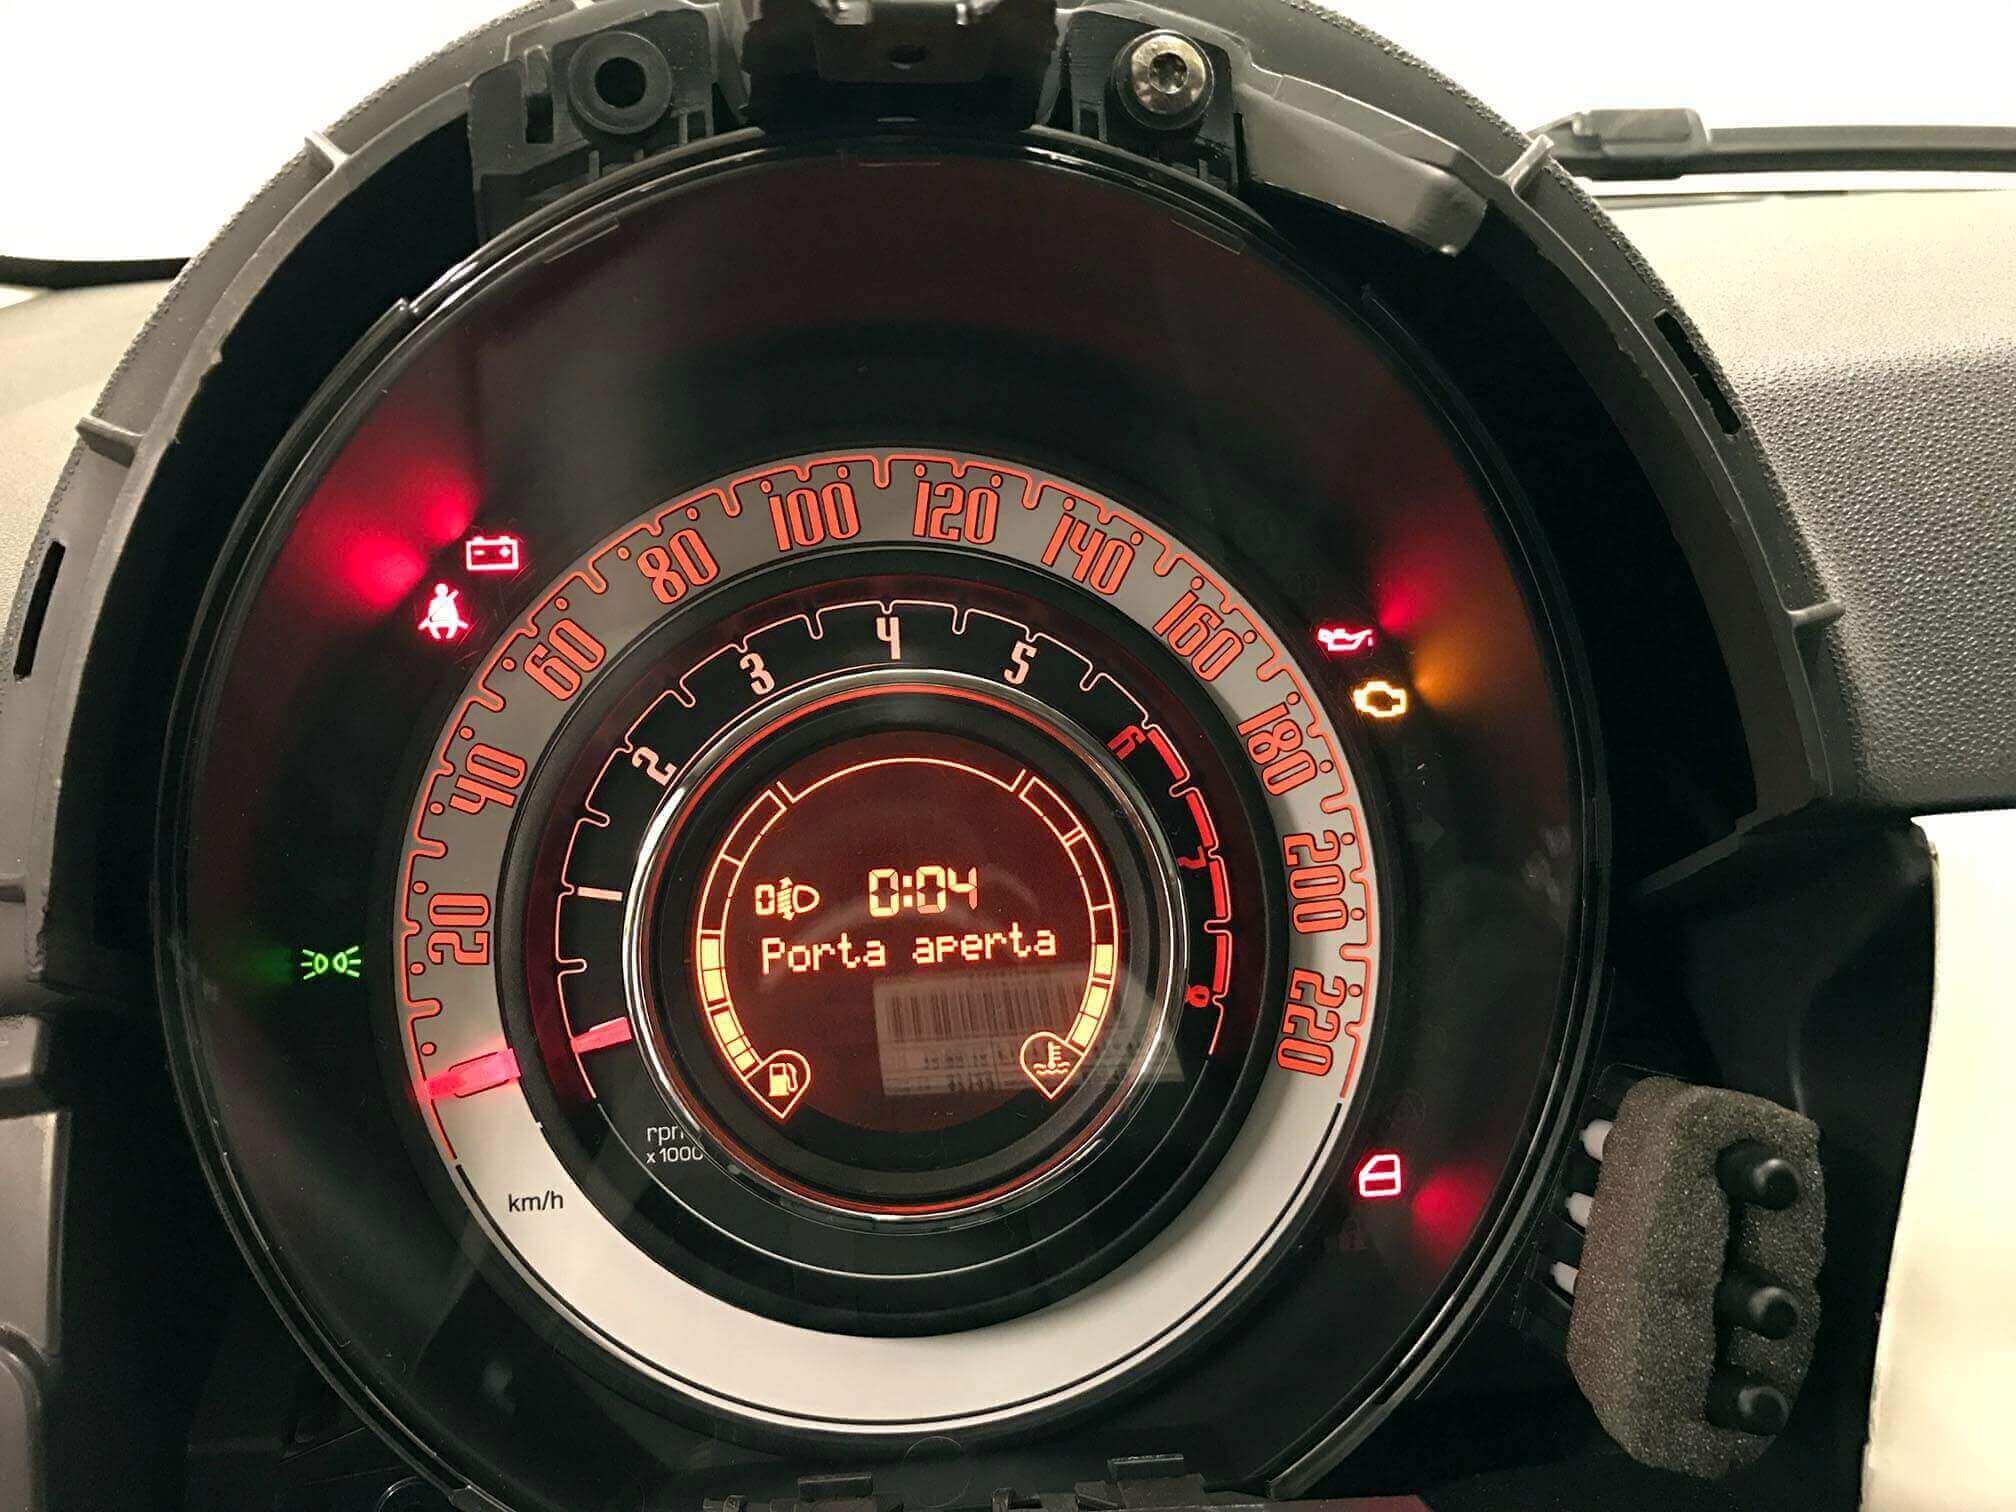 Fiat 500 instrument cluster repair